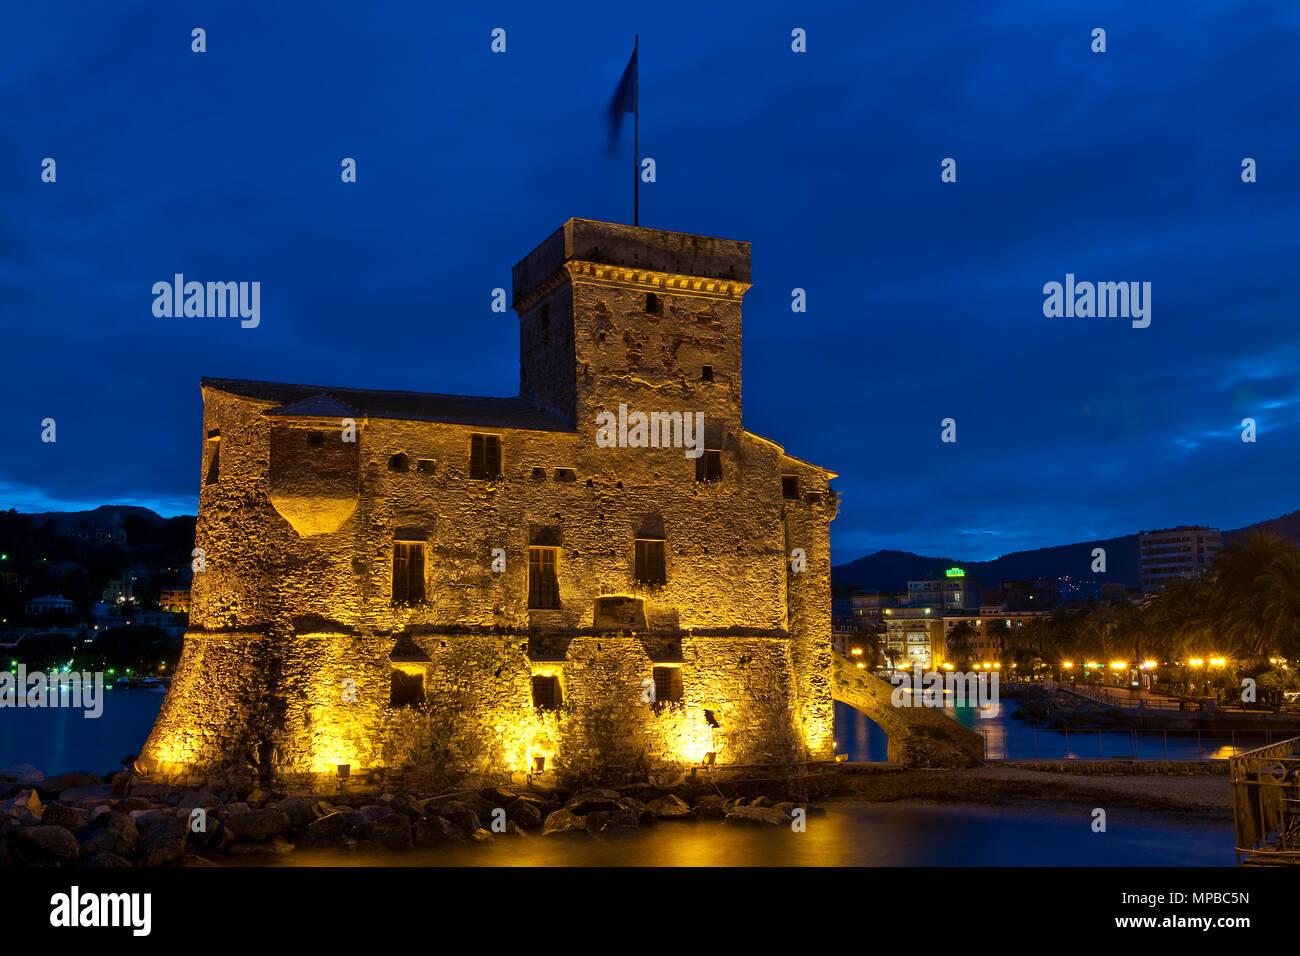 Castle built in 1551, harbour of Rapallo, Italy | 1551 erbautes Kastell, Winterkurort und Seebad Rapallo, Italien - Stock Image